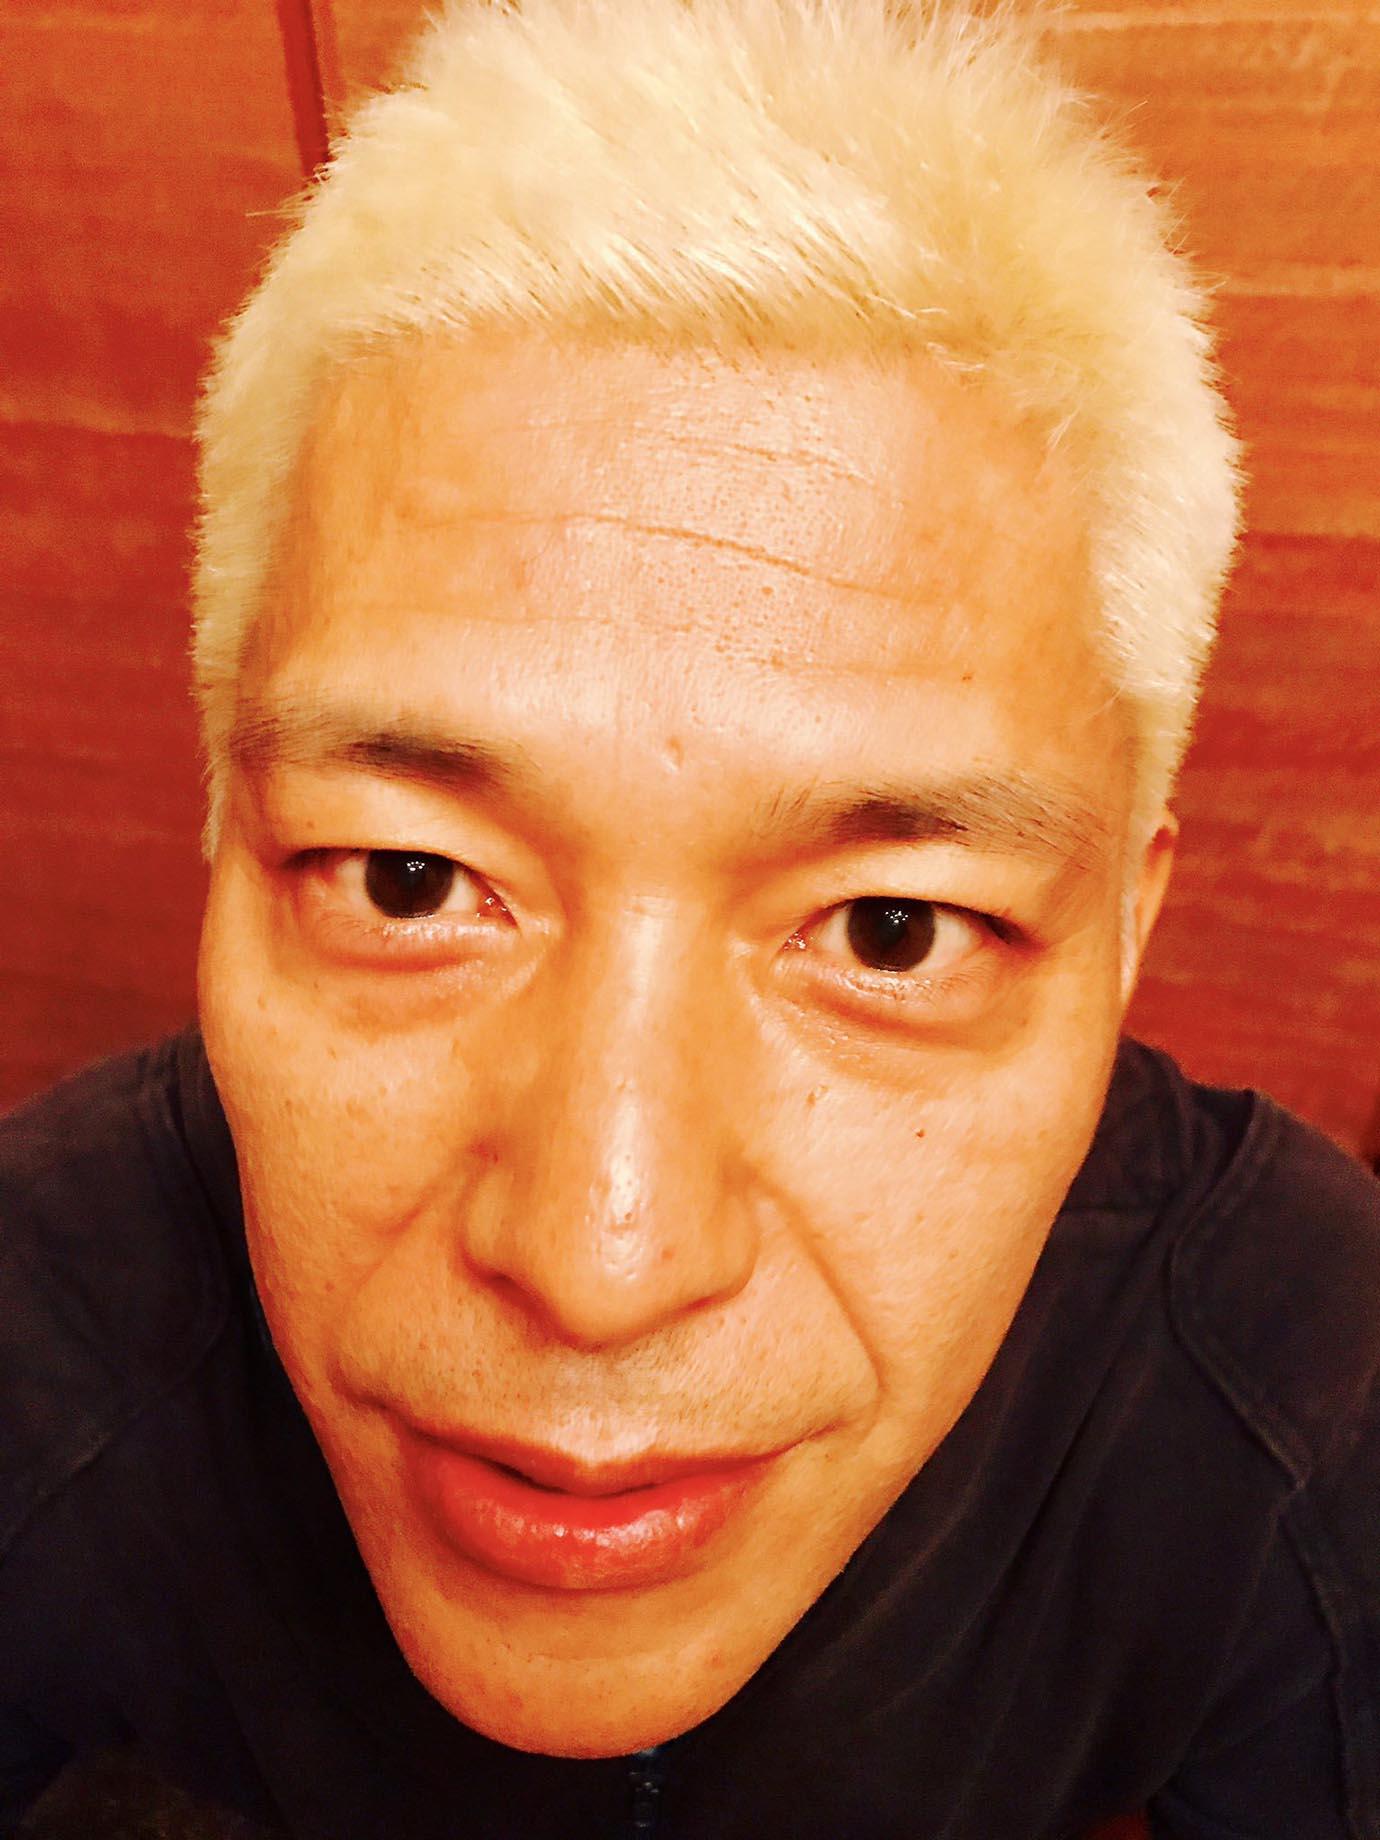 tamura-ryo